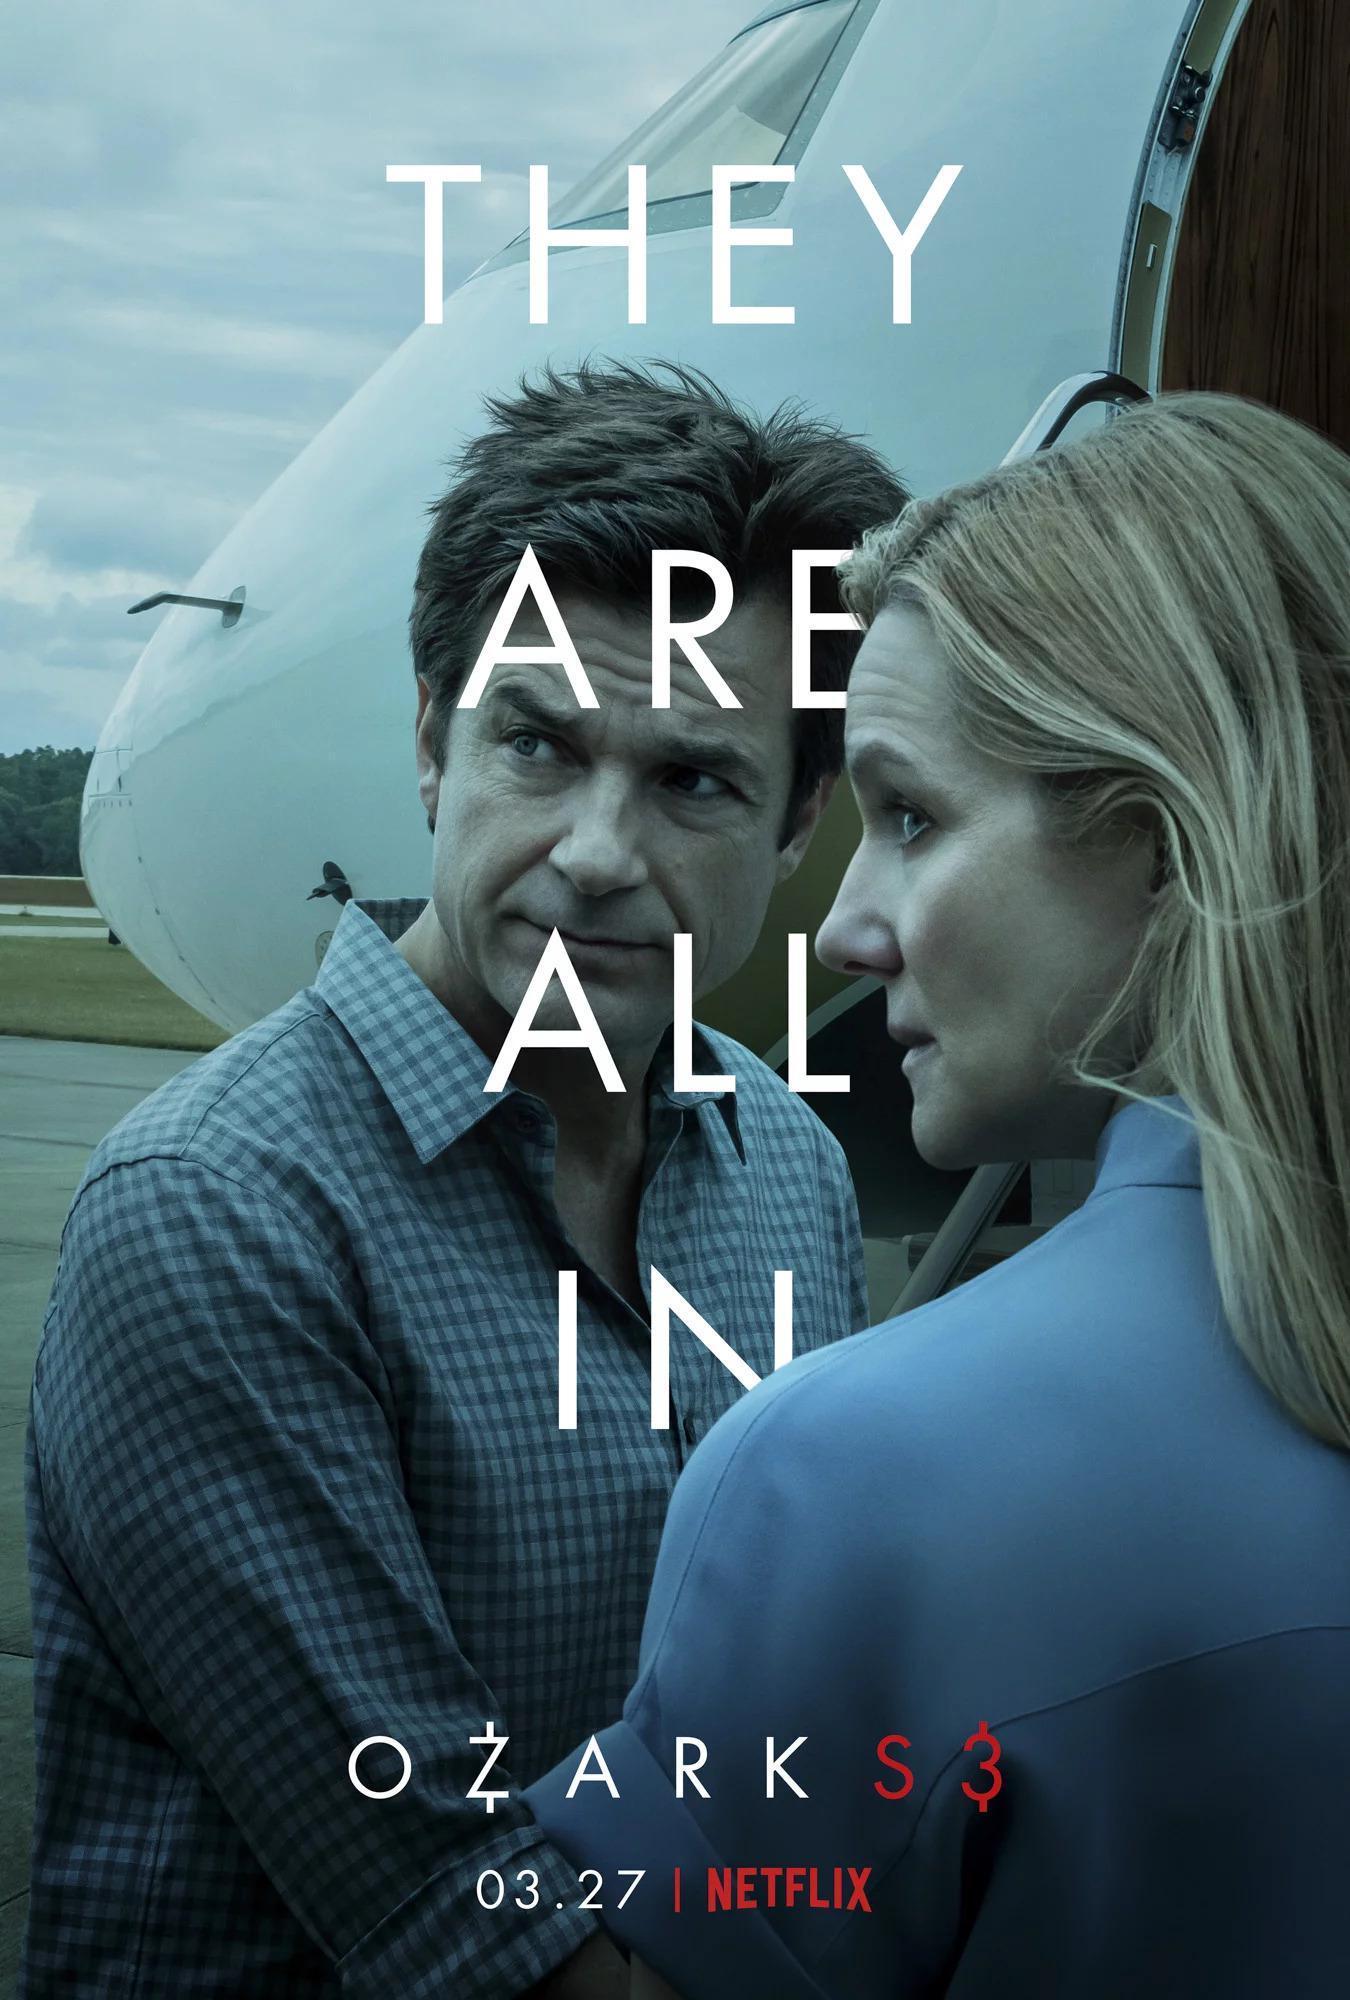 这6部HBO、Netflix新剧让人期待,女神妮可·基德曼和男神休·格兰特强强合作《无所作为》插图(4)